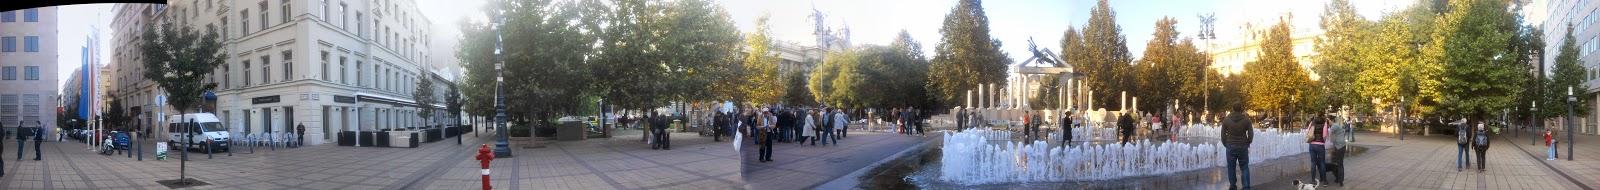 belváros, Német megszállási emlékmű, panoráma, Rogán Antal, V. kerület, Victims of German Occupation Memorial in Budapest